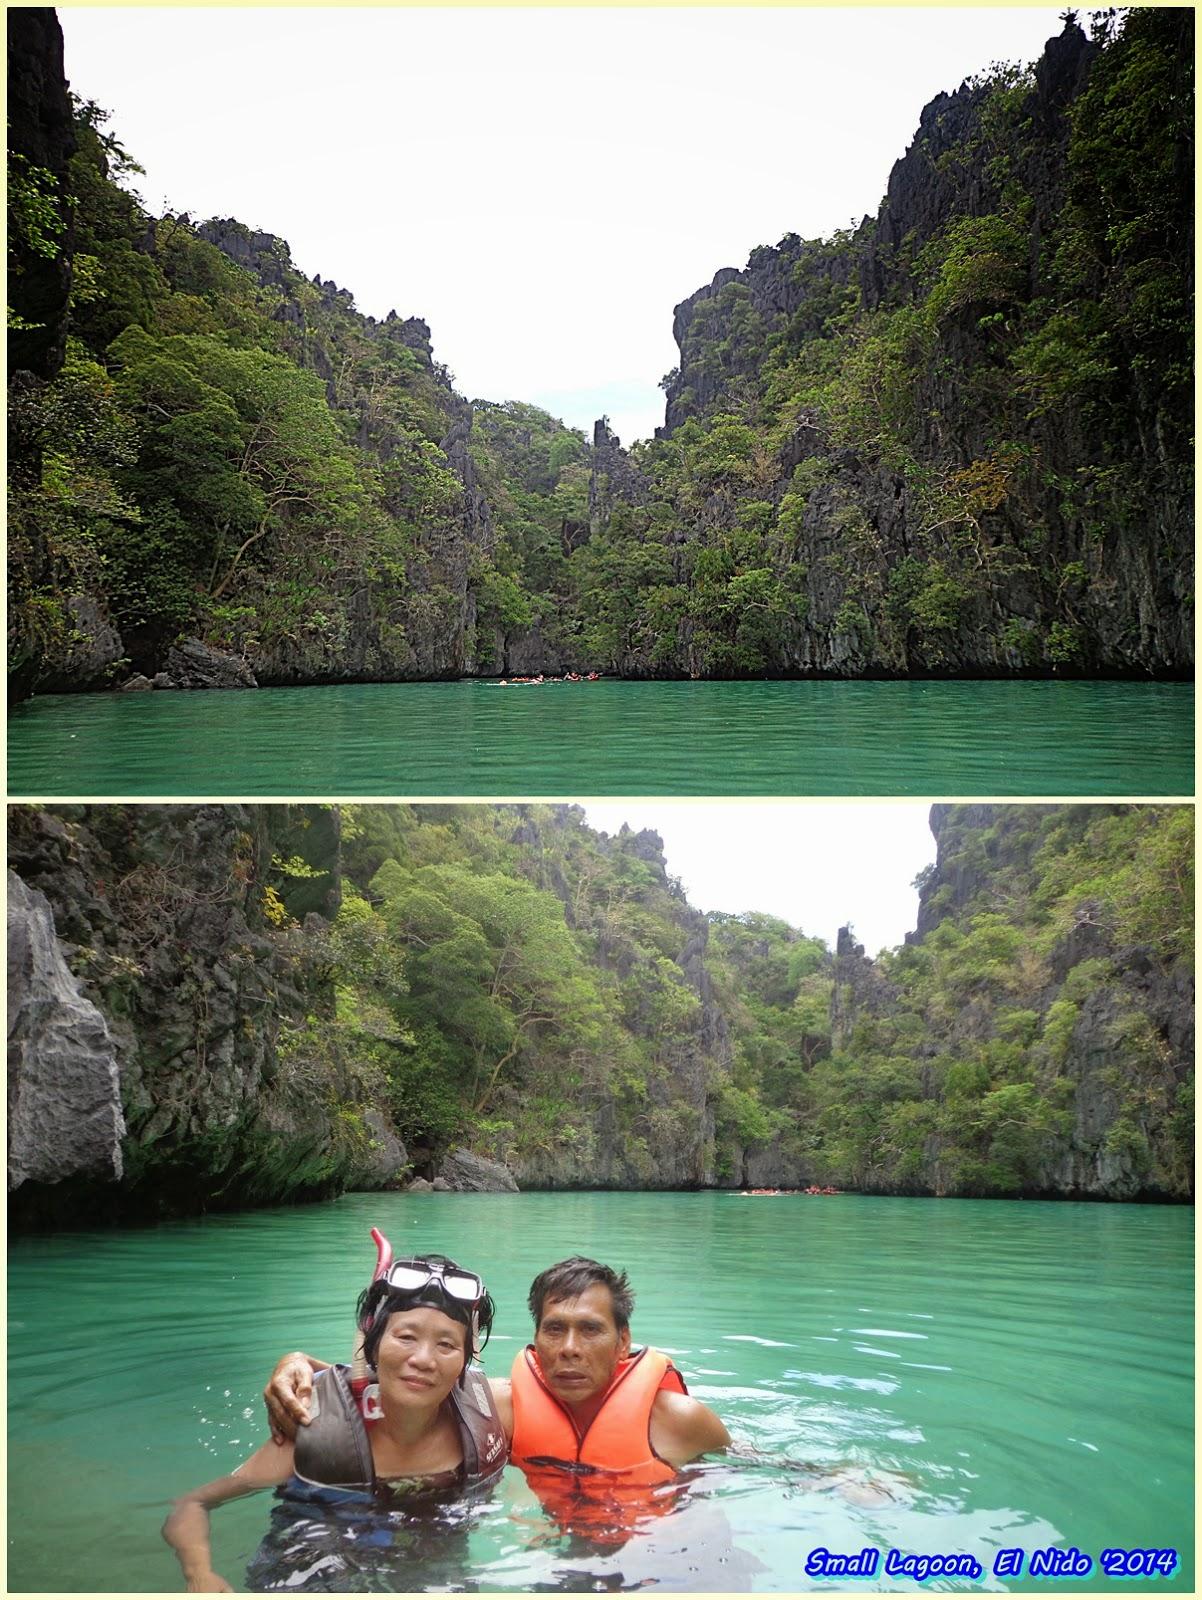 Small Lagoon, Tour A, El Nido, Palawan